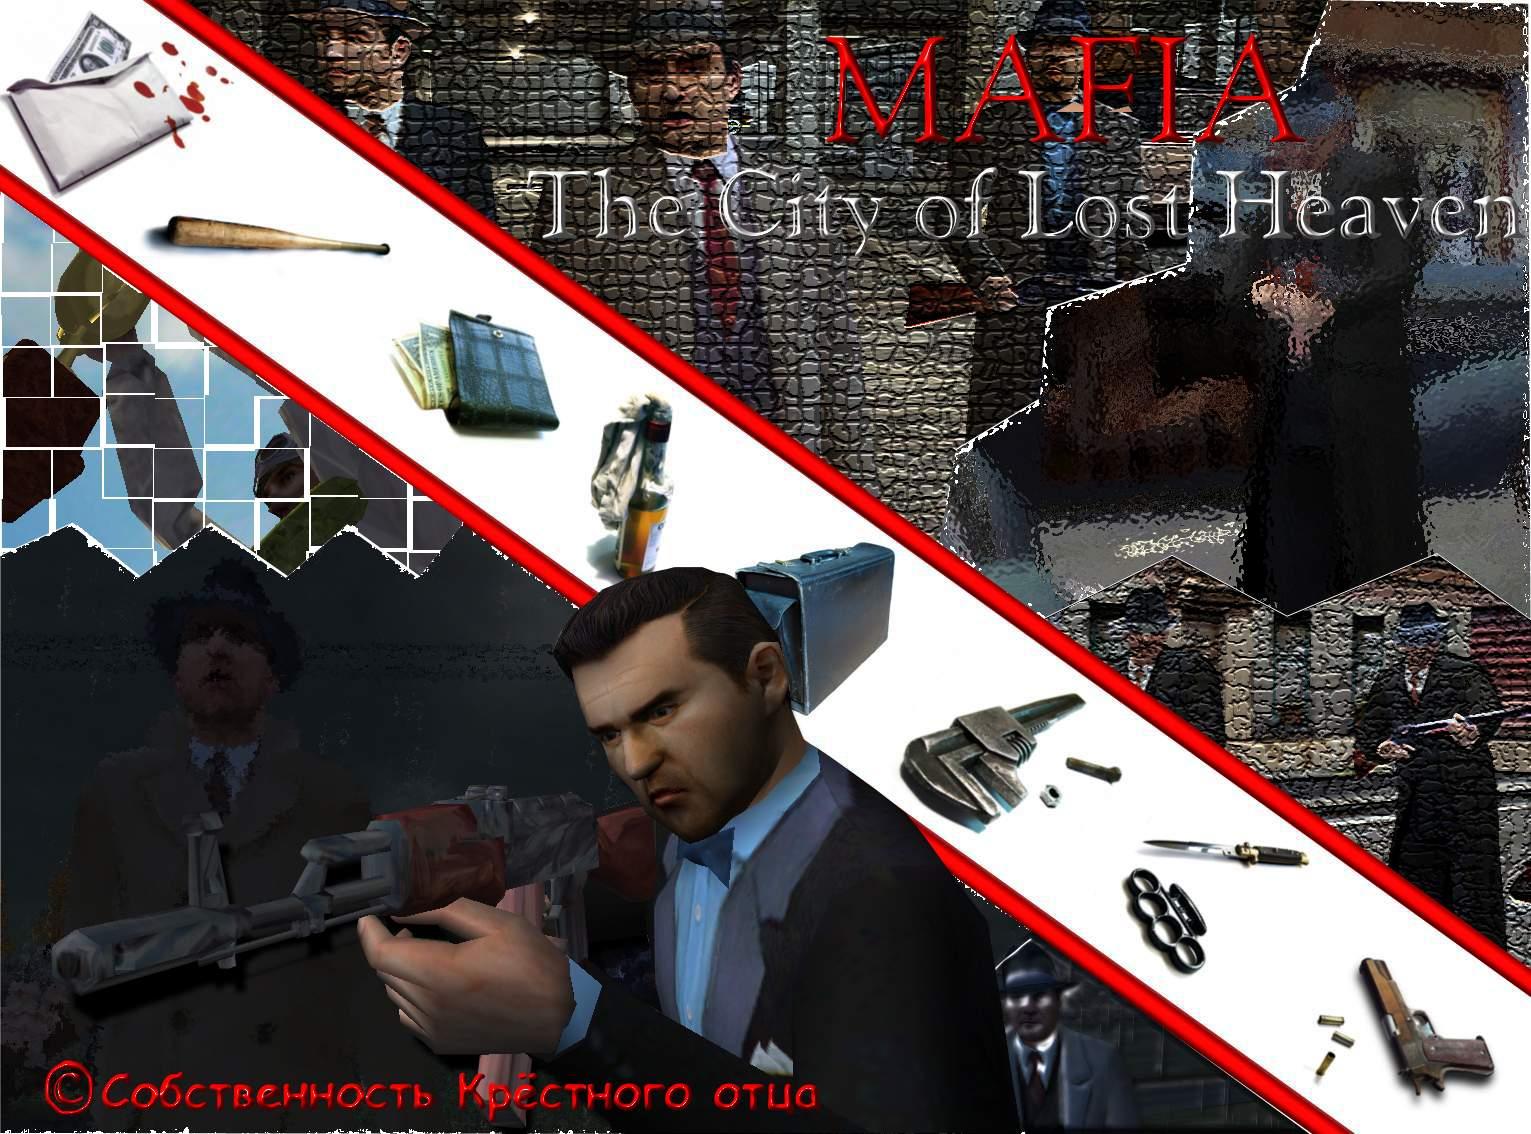 Р рёс4eeс4e2 рё р4d9р4abр499с4e2 р4d9 mafia the city of lost heaven